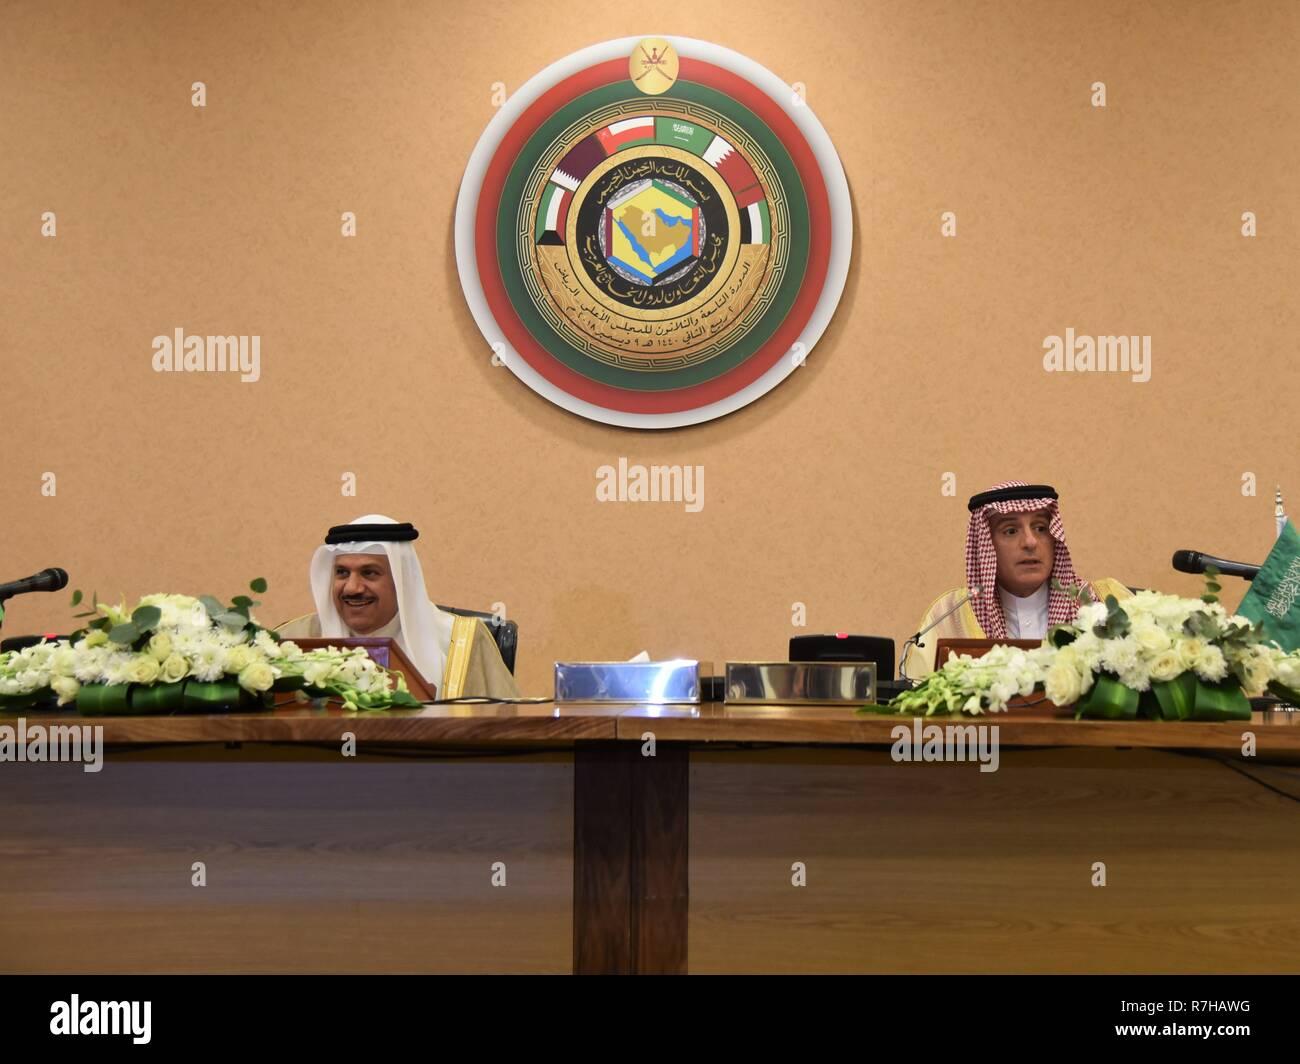 Riyadh, Saudi Arabia  9th Dec, 2018  Secretary General of